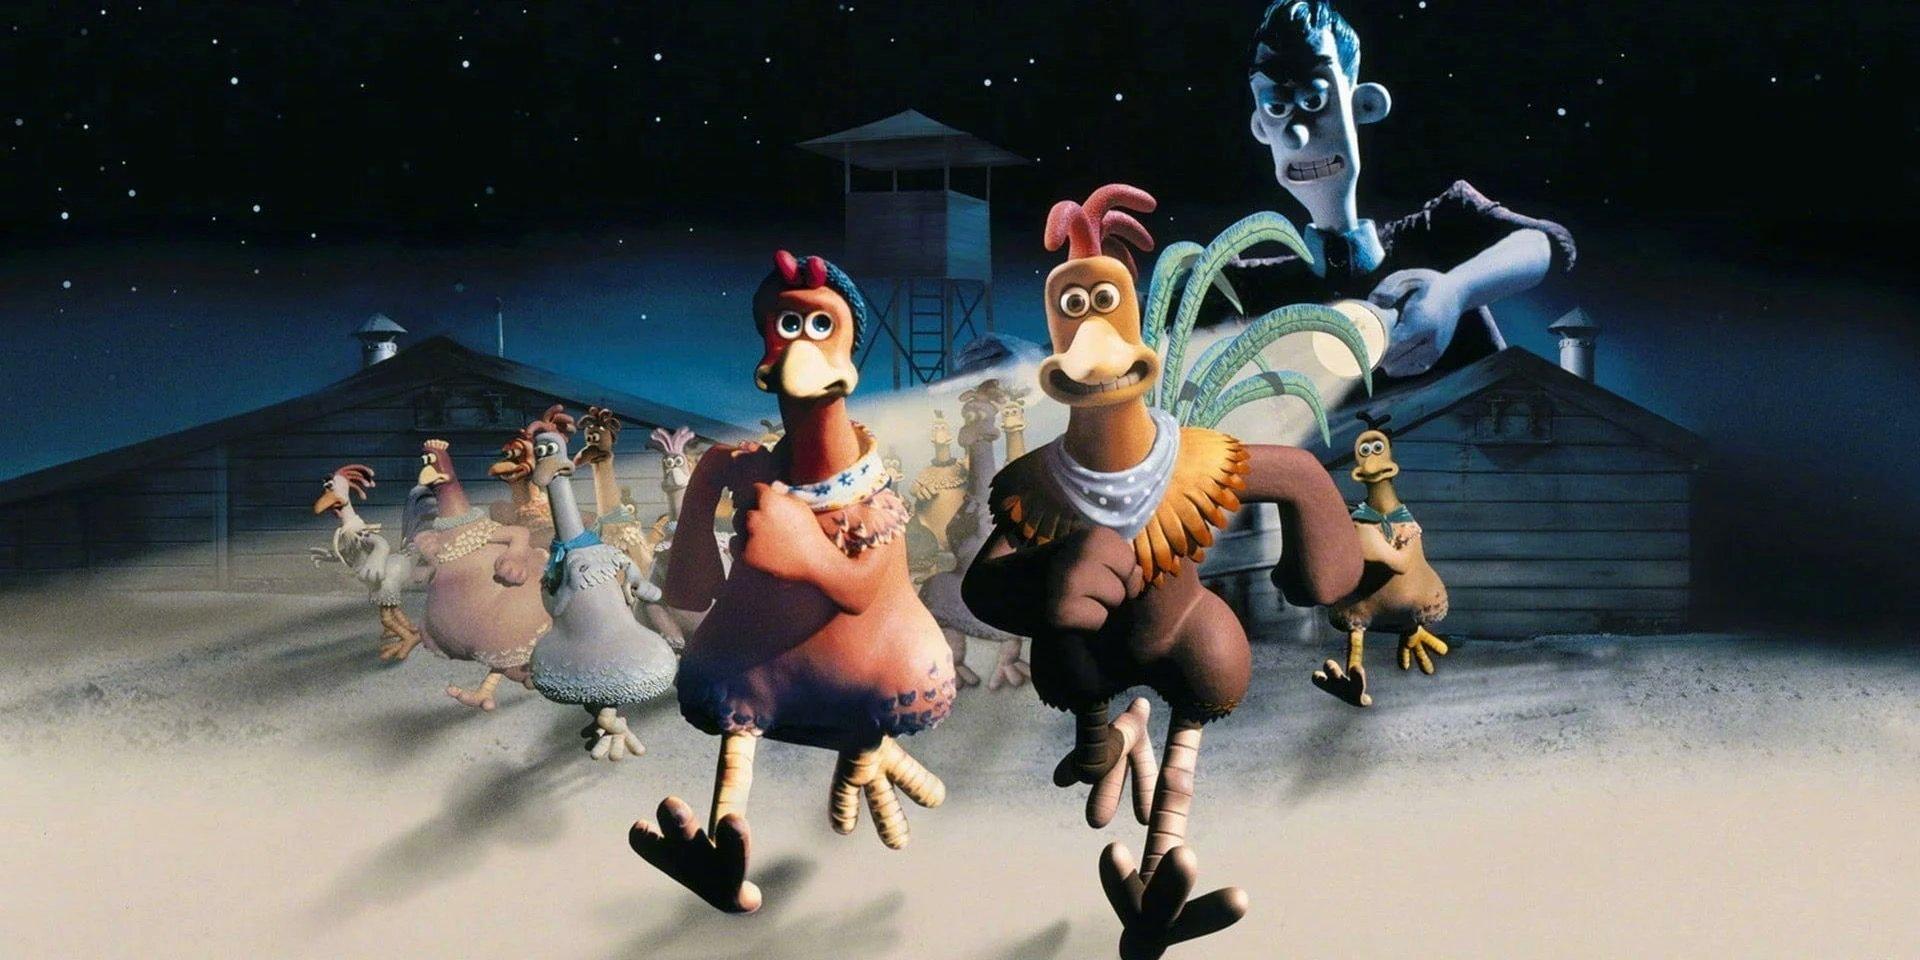 奈飞将拍摄动画《小鸡快跑2》,《小羊肖恩》班底或加盟图片